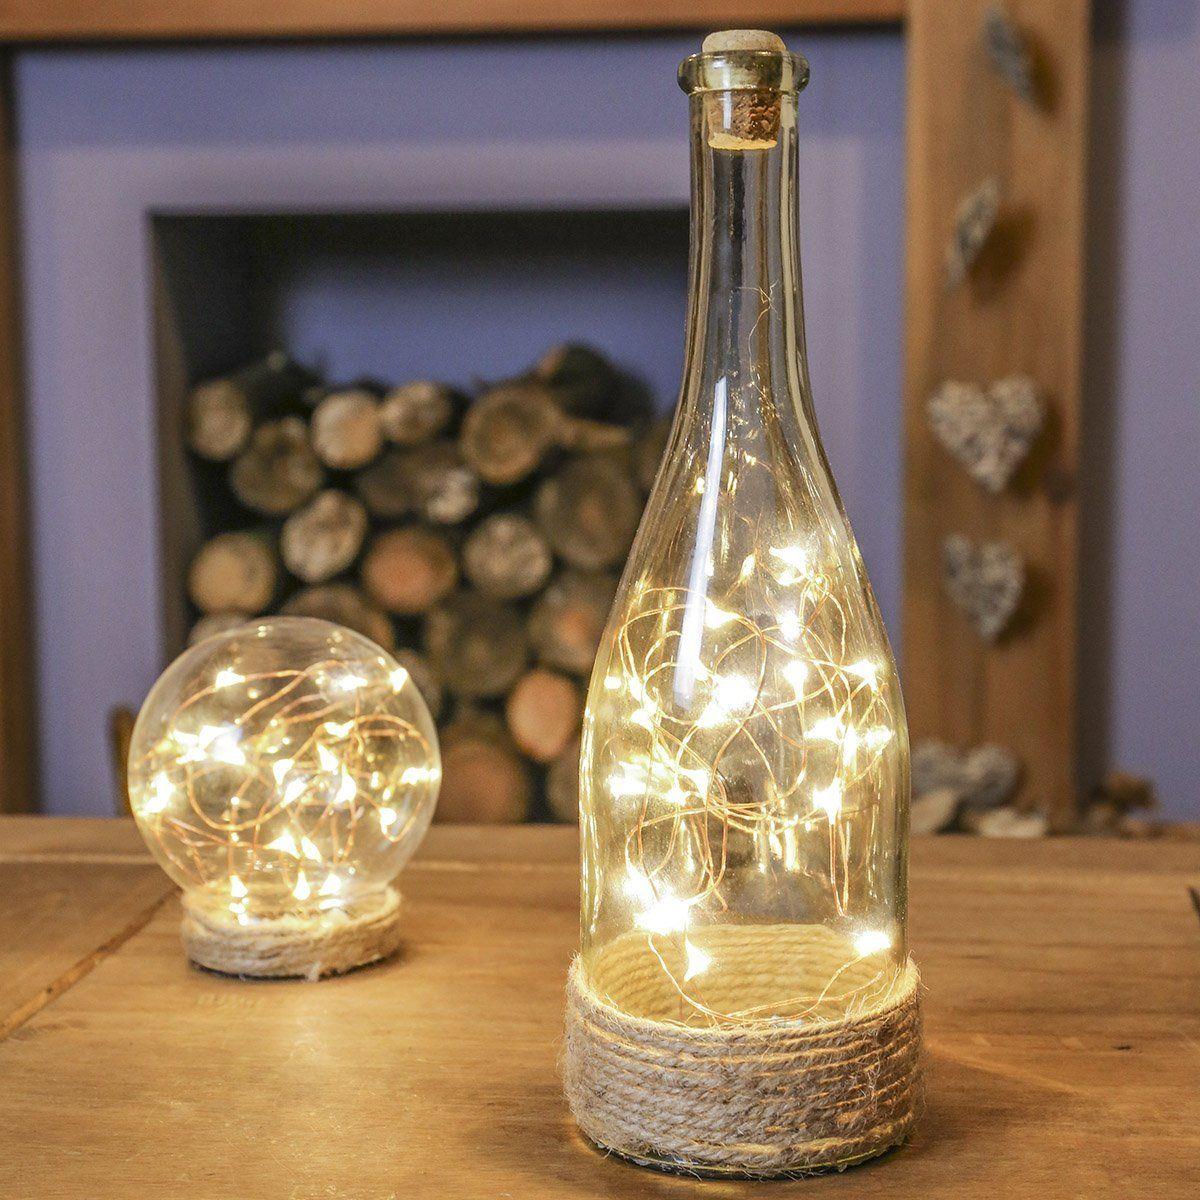 Herbst Weihnachtsdeko Glas Flasche Mit Kupferdraht Led Lichtern Warmweiss Von Festive Lights Amazon De Beleuchtung Flaschenlampe Dekoflaschen Led Leuchten